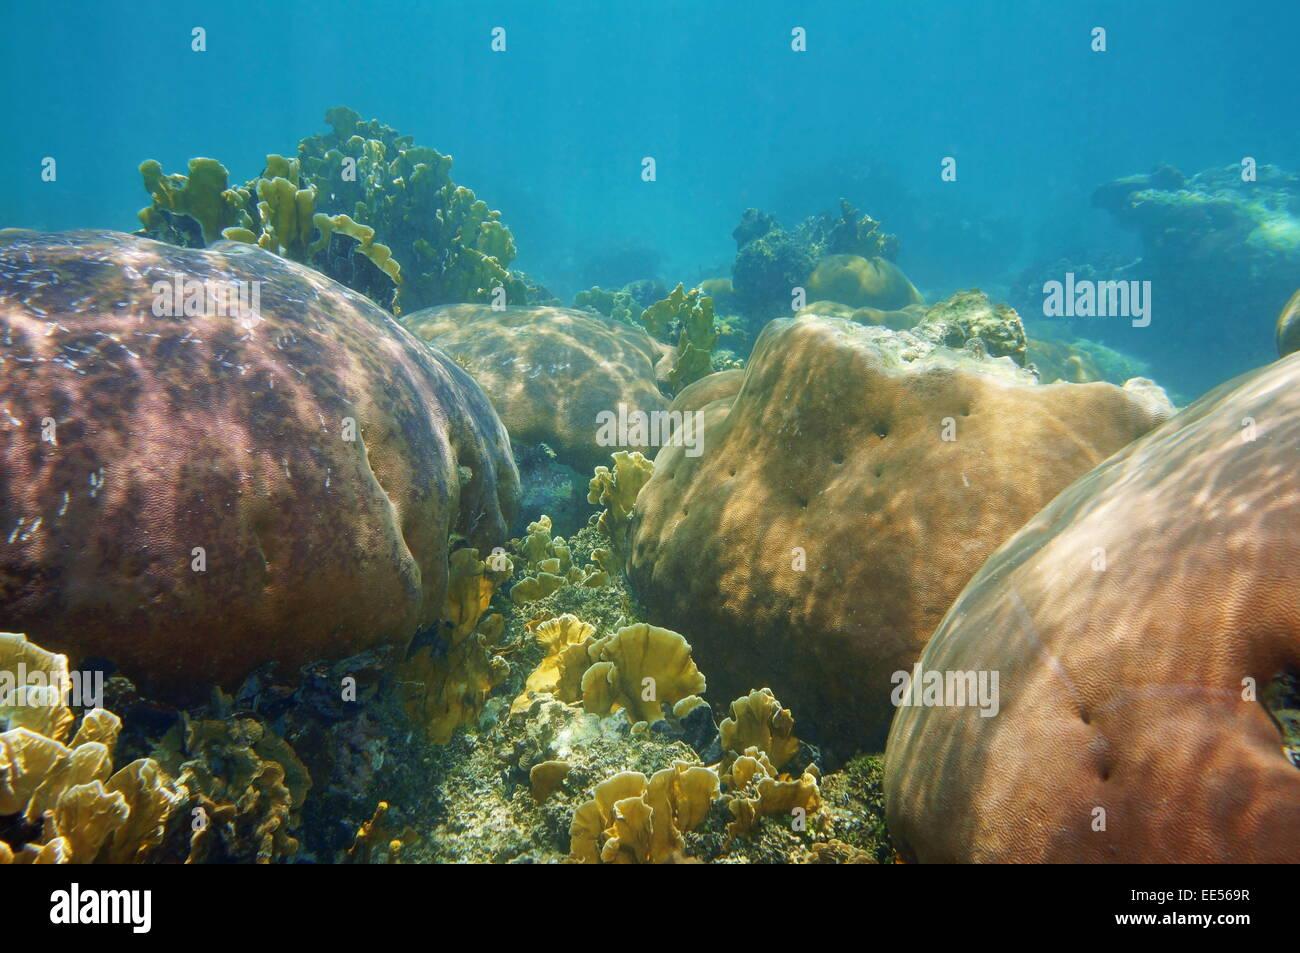 Paesaggio sottomarino in un stony Coral reef del Mar dei Caraibi Immagini Stock